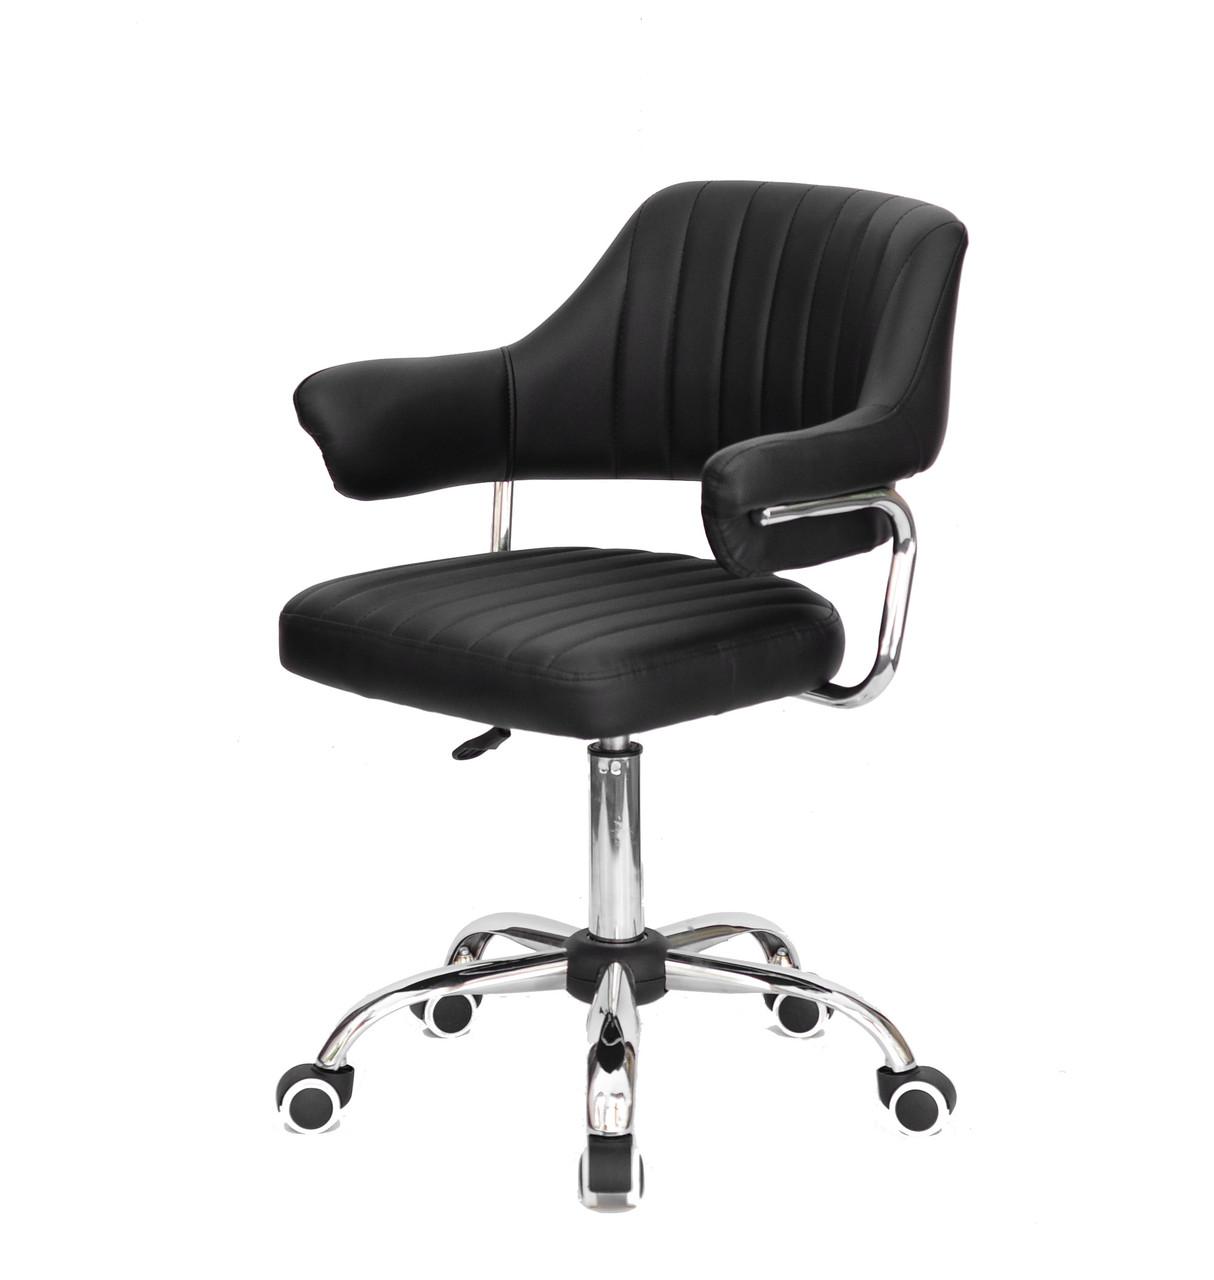 Офісне сучасне чорне крісло з еко-шкіри з підлокітниками JEFF CH-Office